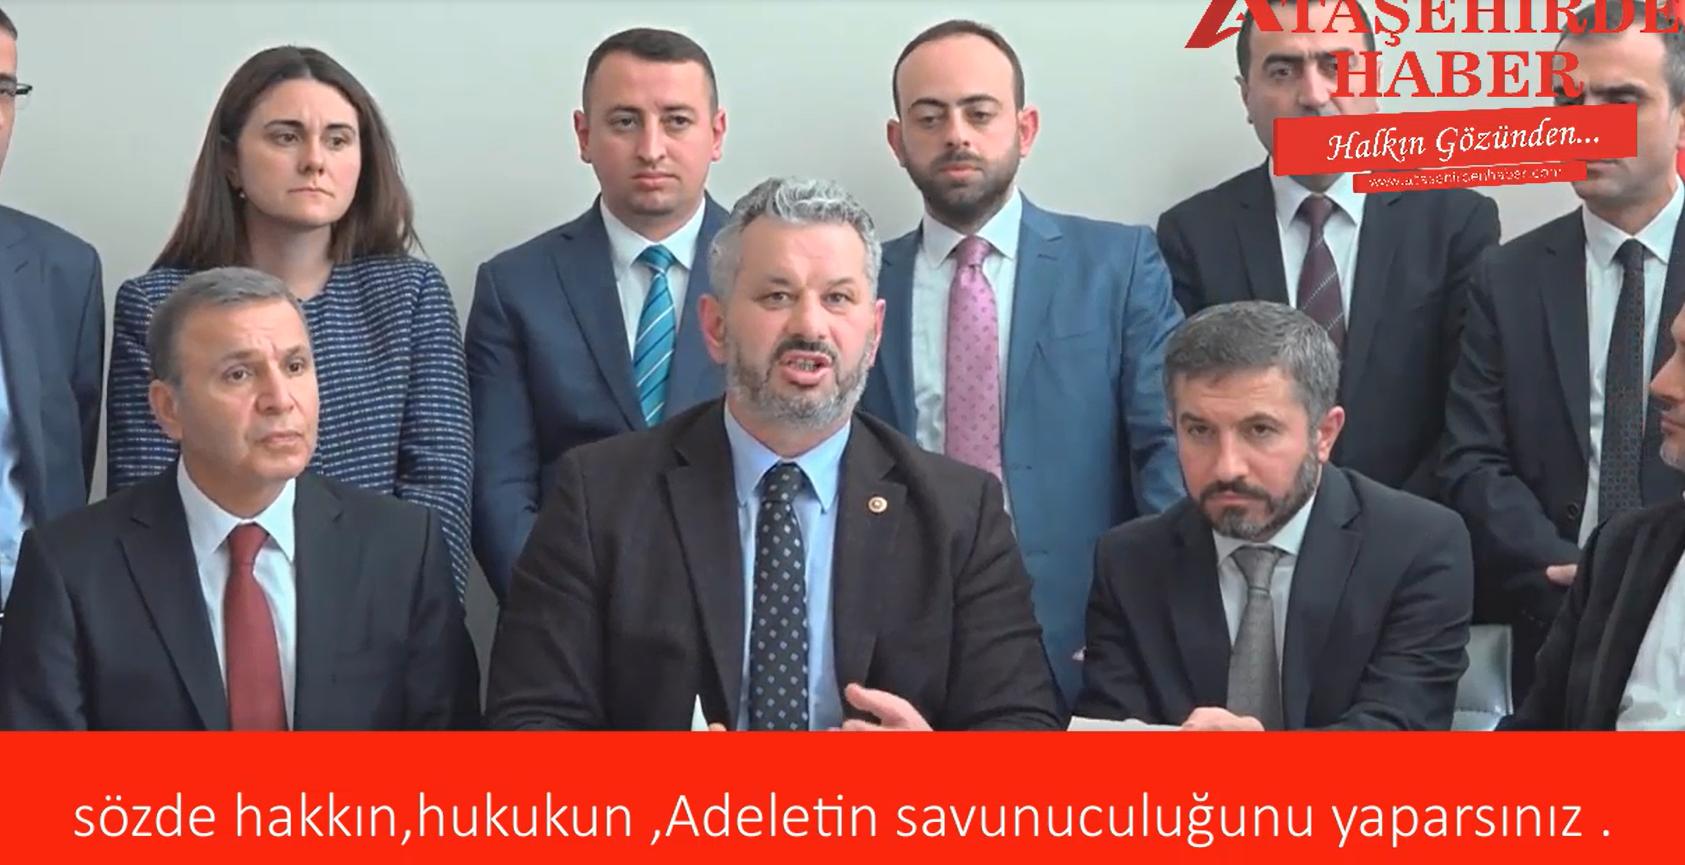 Chp'li Üyeler Ataşehirde Ak parti Belediye Başkan Adayının konuşmasına tahammül edemediler .